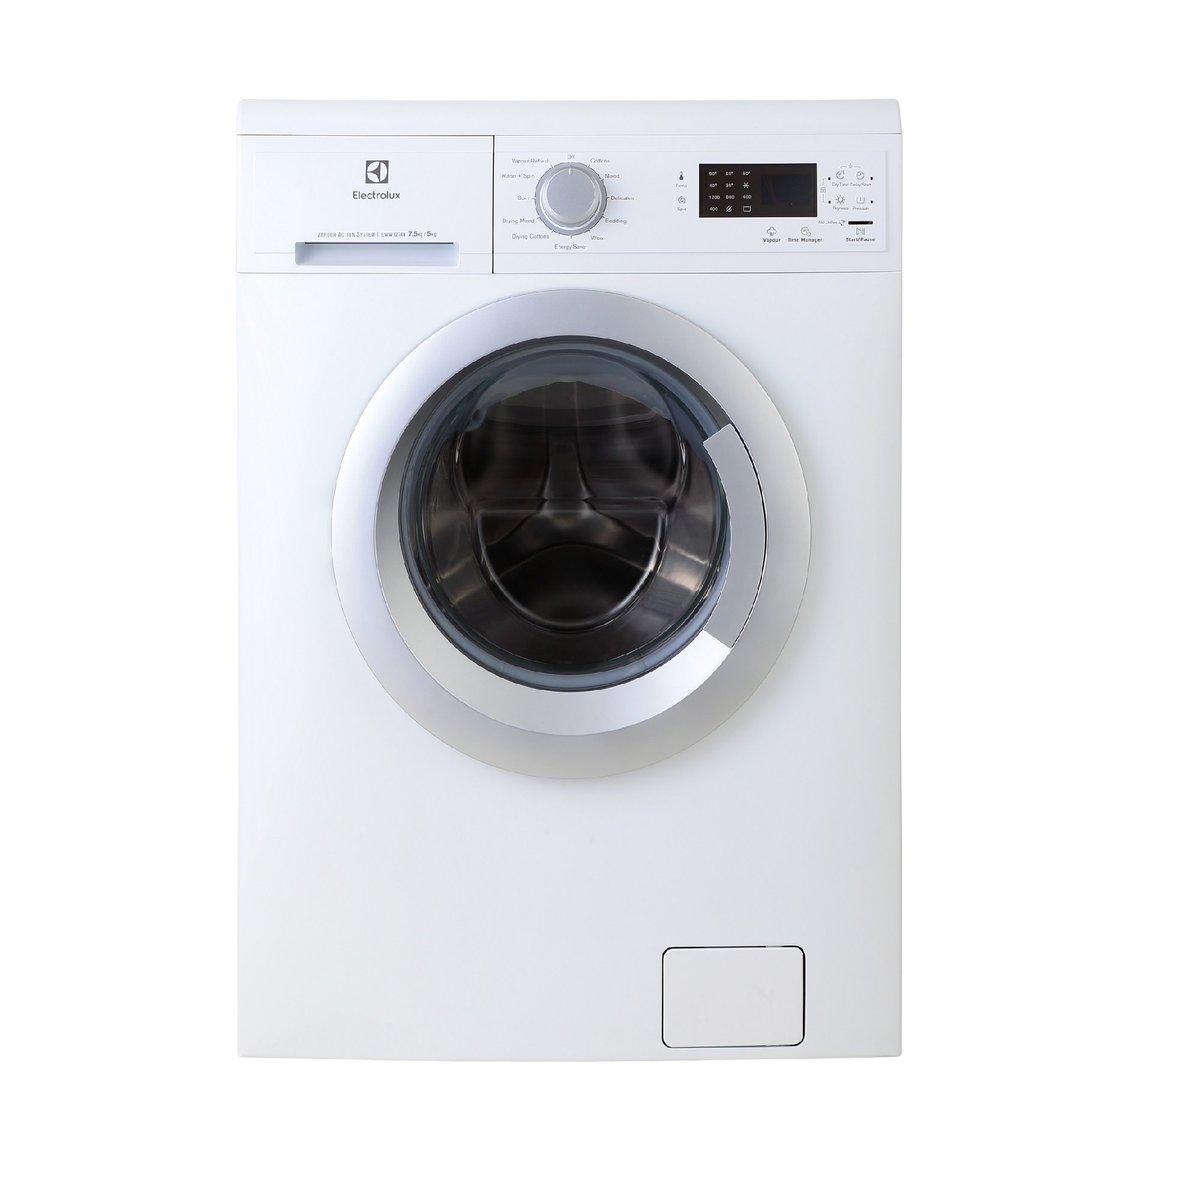 前置式洗衣乾衣機 EWW12746